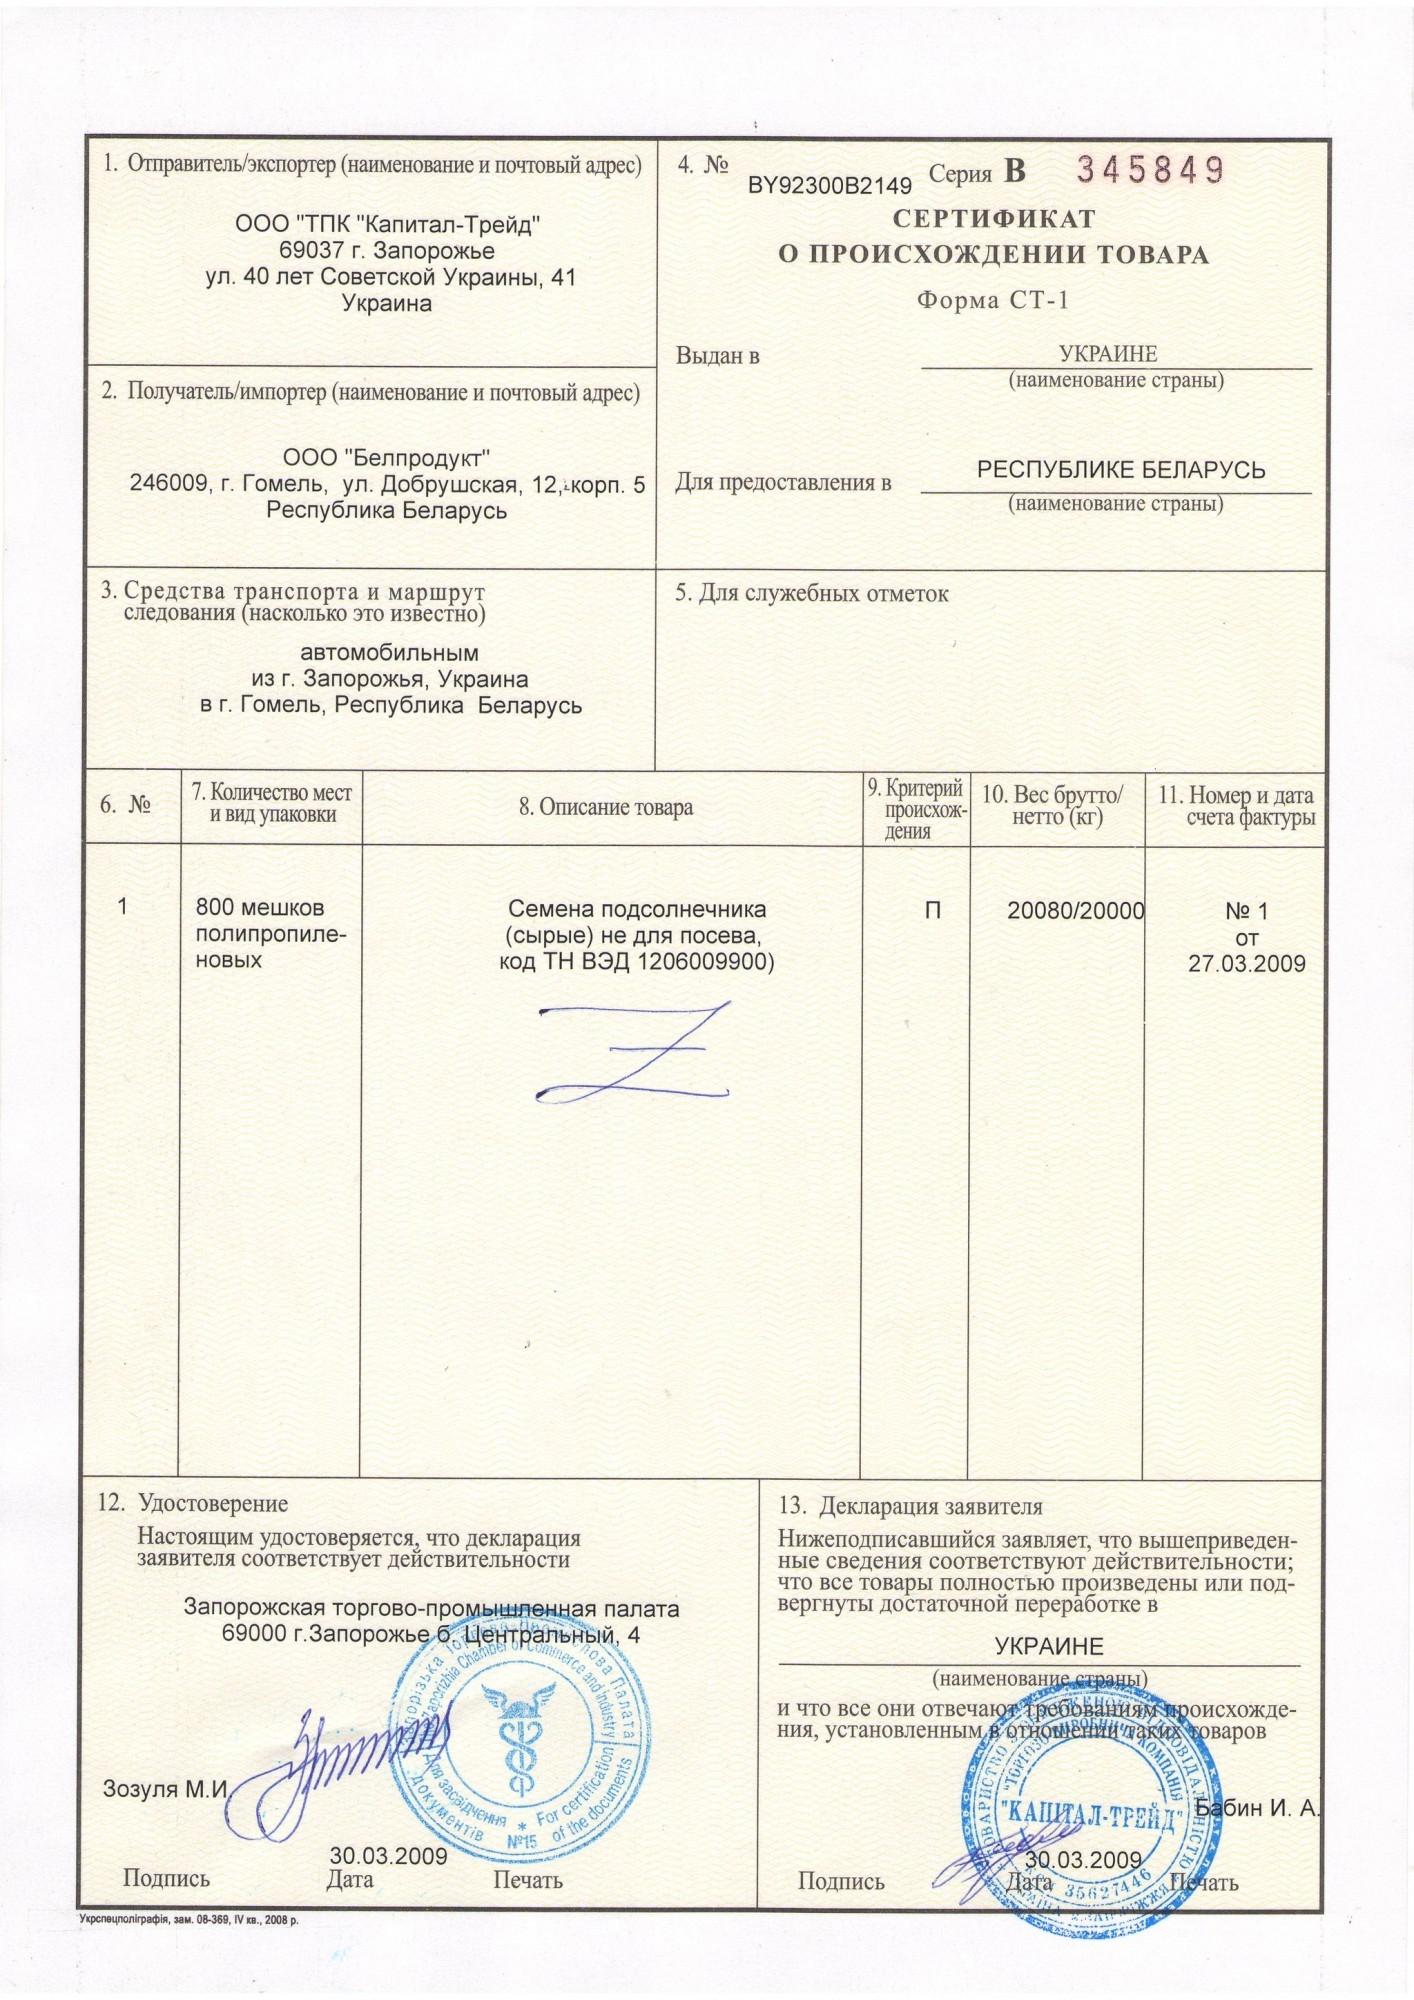 Положение о порядке выдачи сертификатов о происхождении товаров формы ст-1 для целей осуществления закупок для обеспечения государственных и муниципальных нужд (приложение 1 к приказу торгово-промышленной палаты рф от 25 августа 2014г. №64)